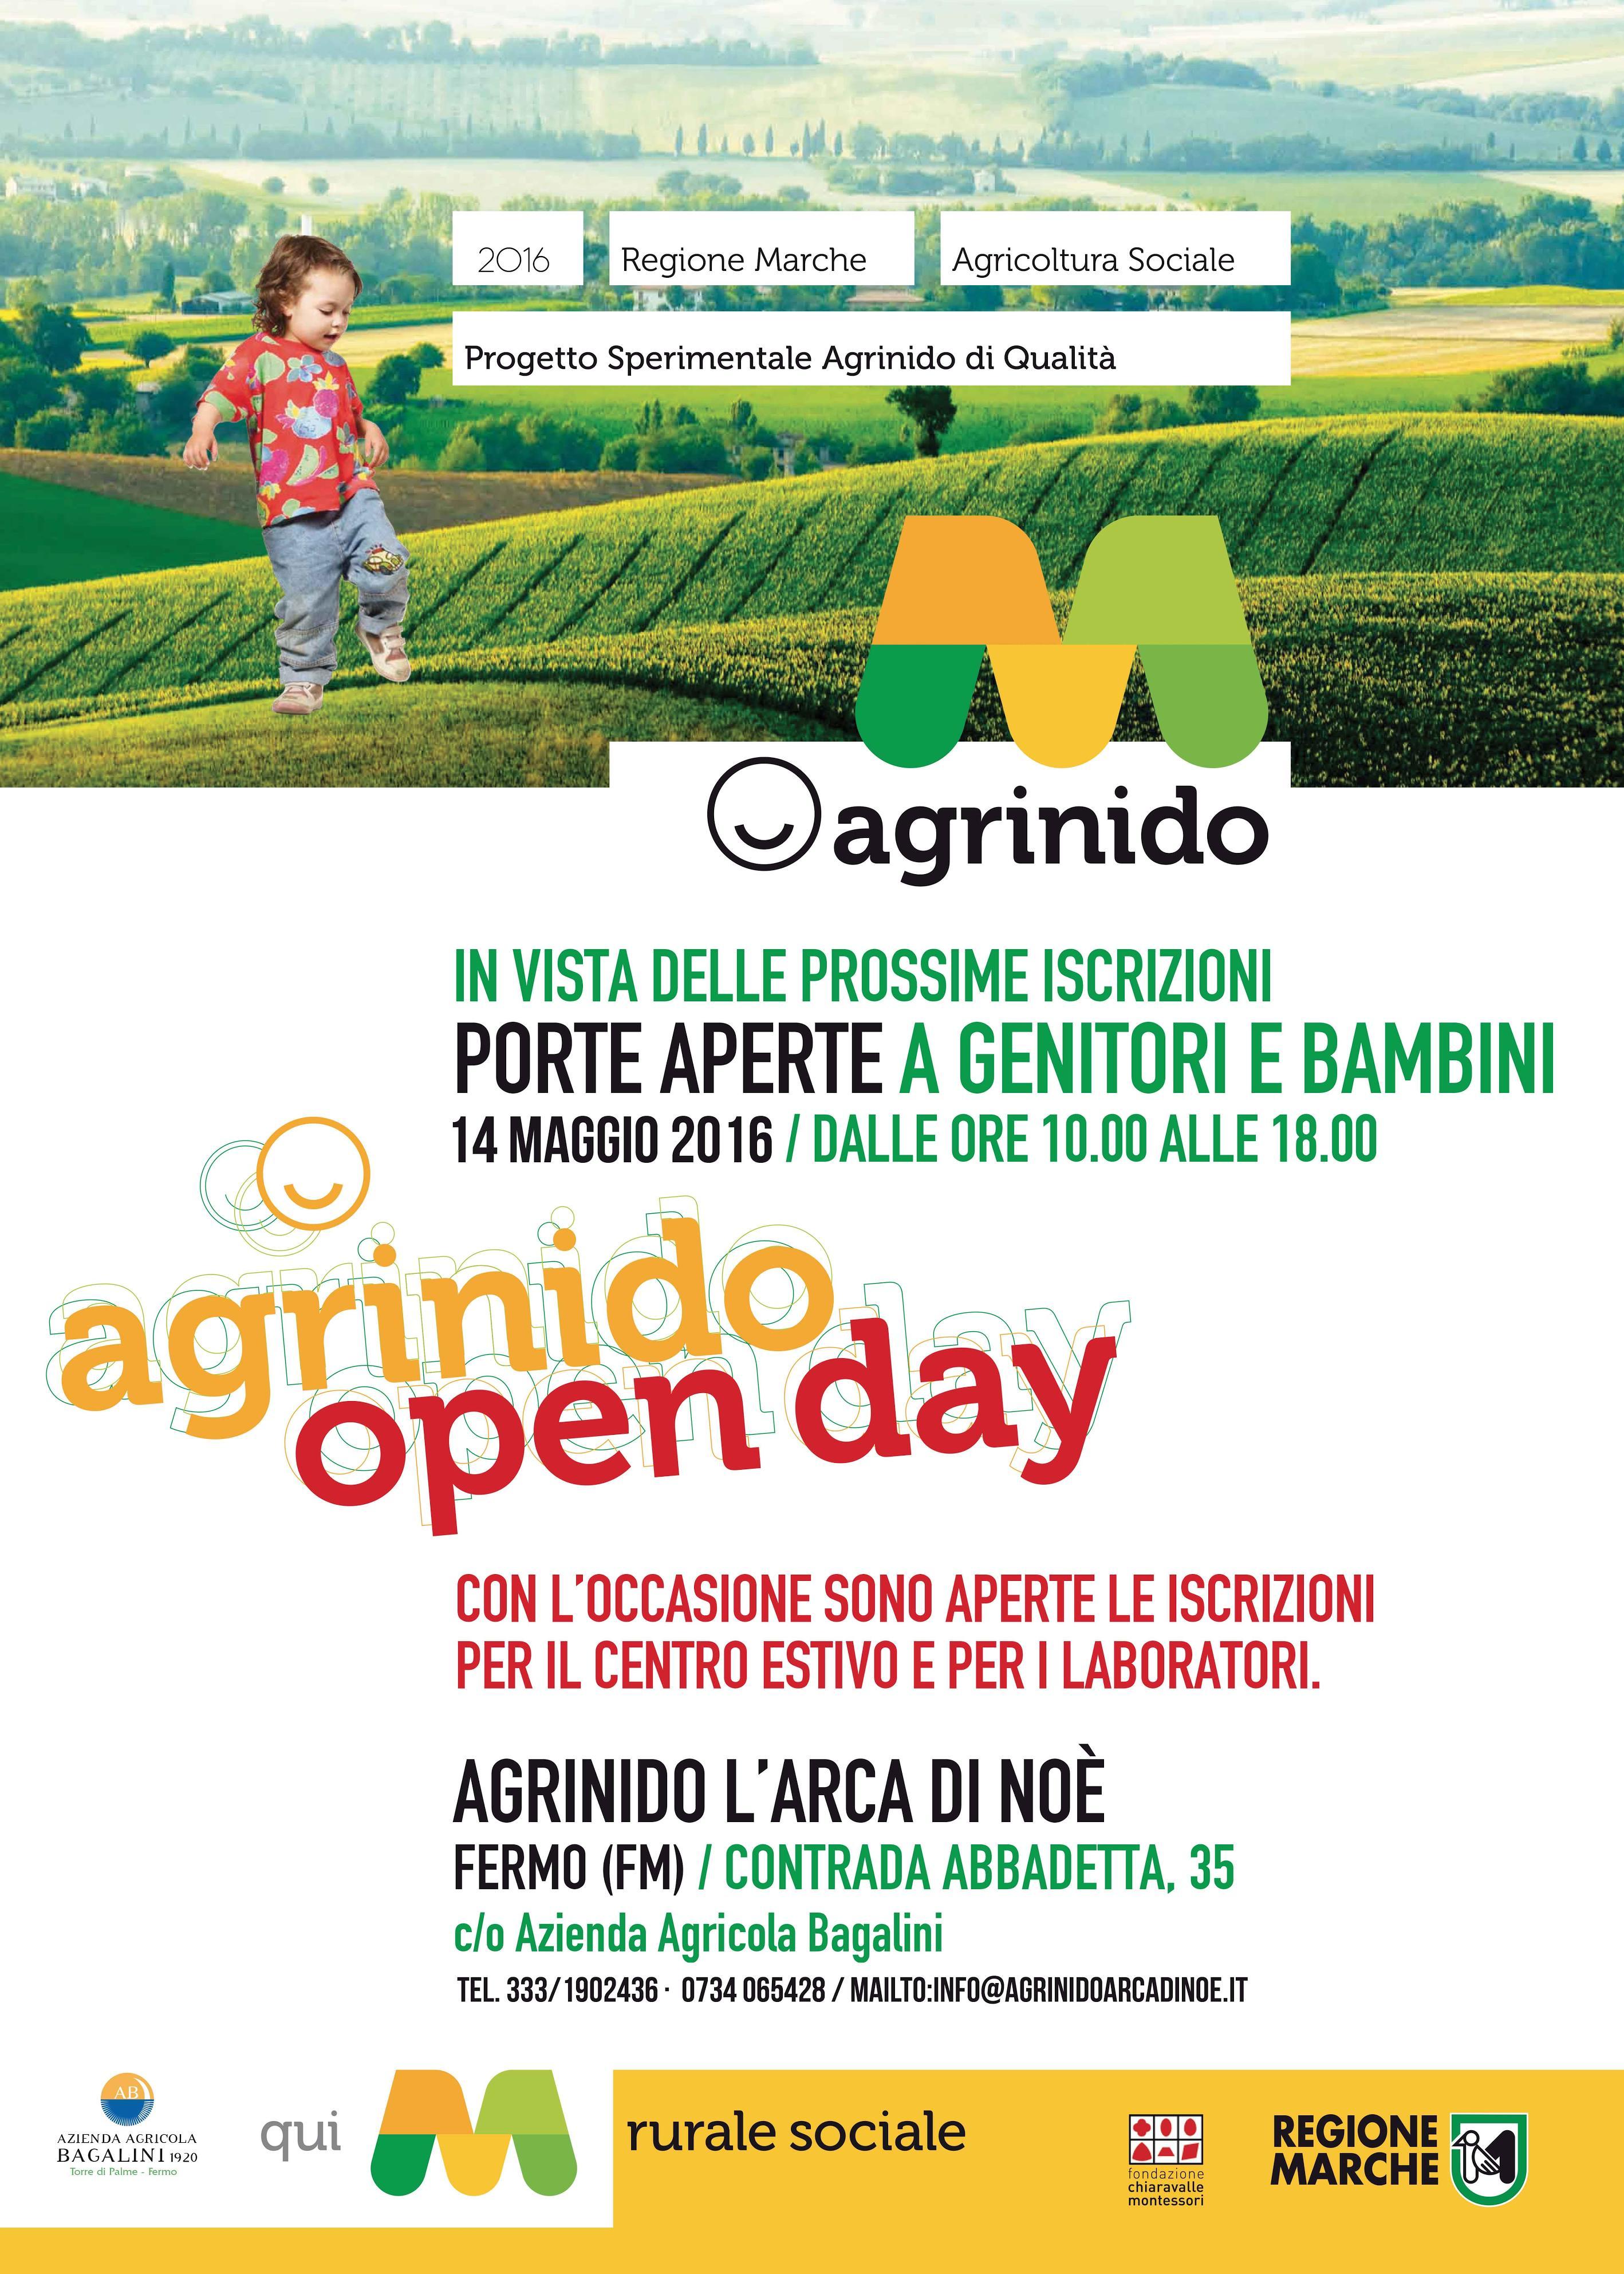 Agrinido open day 2016